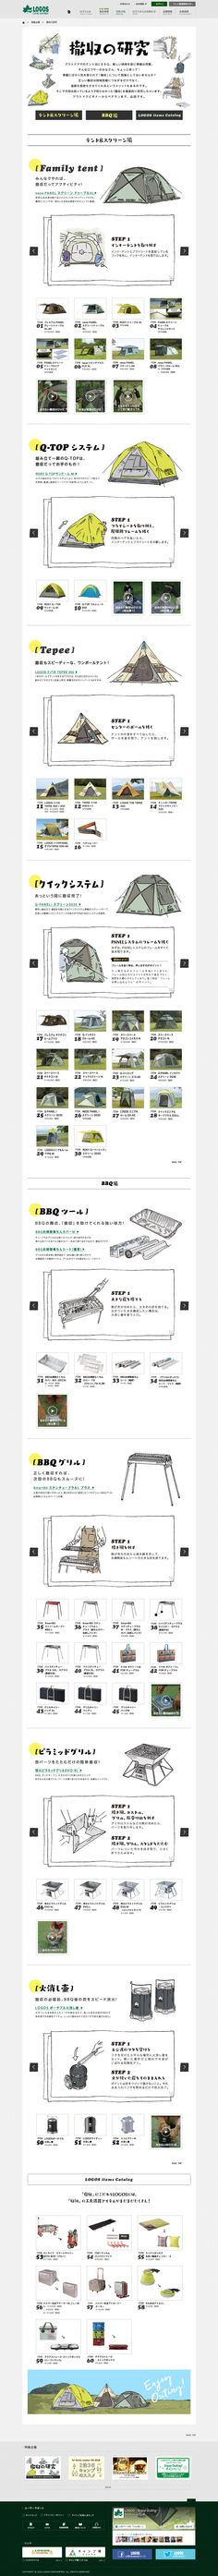 http://www.logos.ne.jp/special/38/